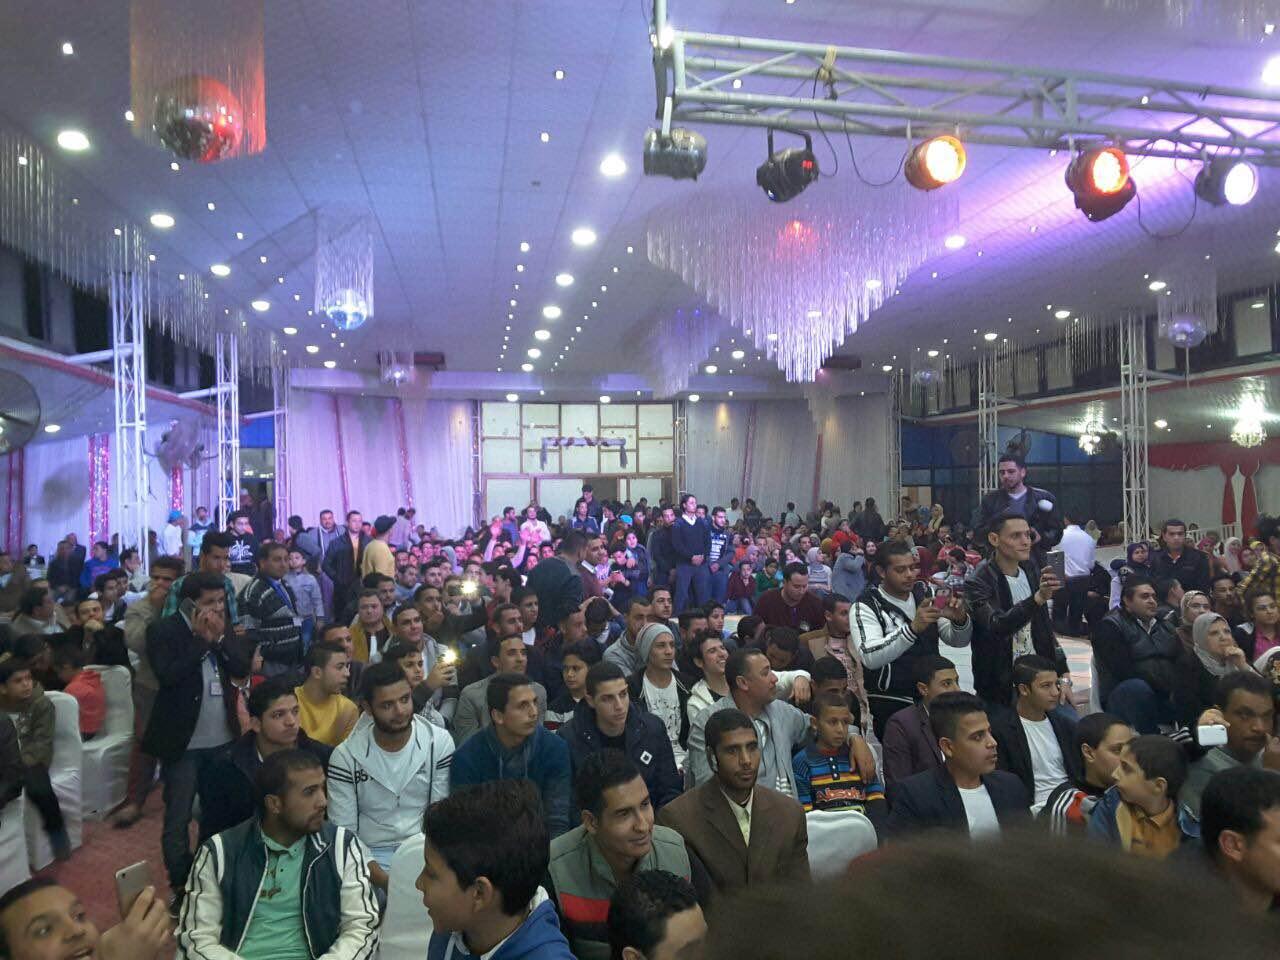 جمهور البحيرة يتابع حفل الفنان هسام عباس